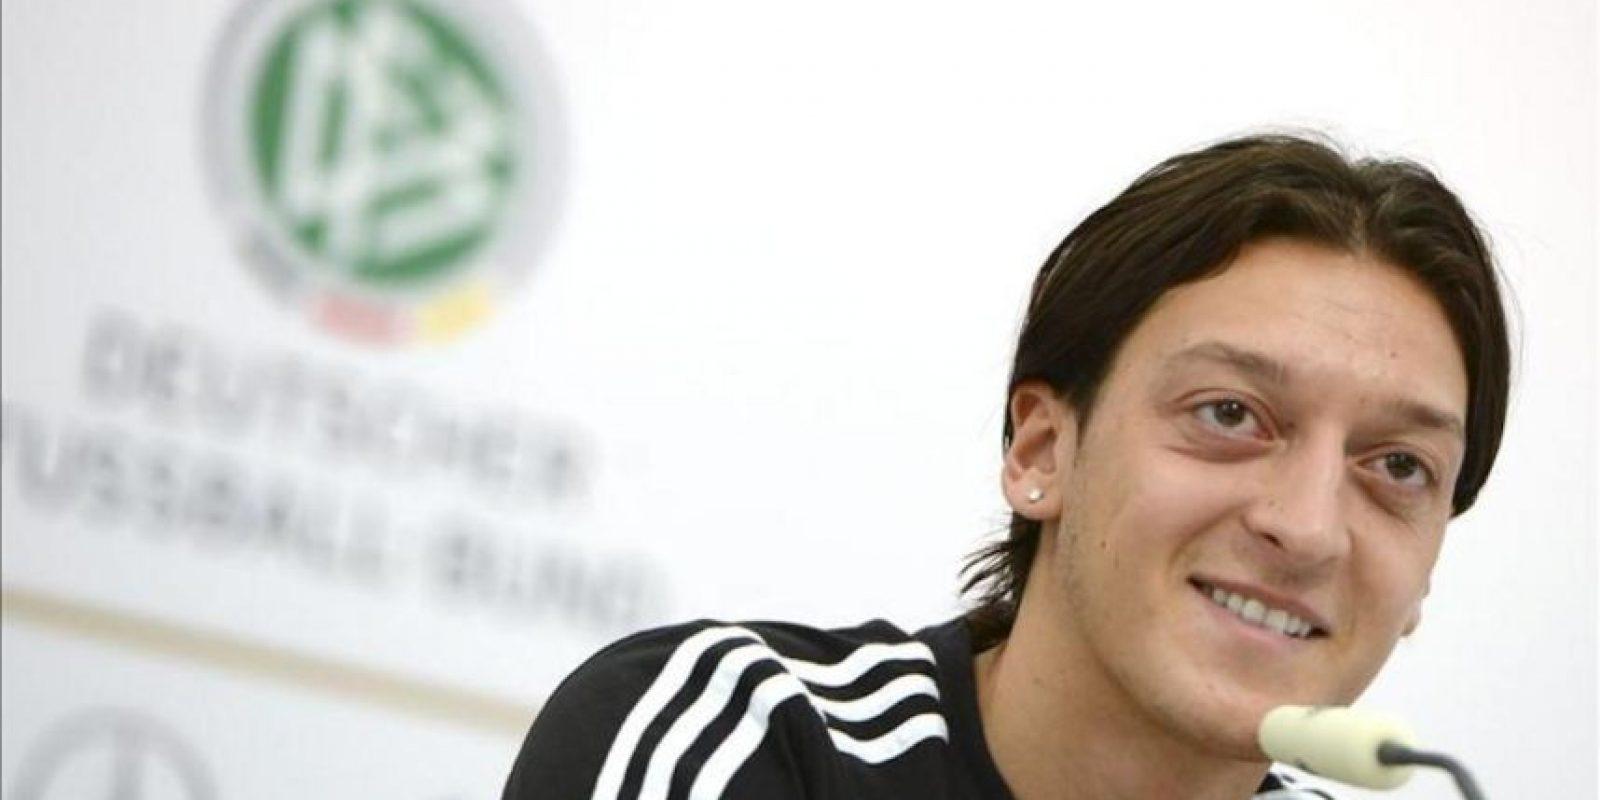 El jugador de la selección alemana de fútbol, Mesut Oezil, durante una rueda de prensa celebrada en Gdansk, Polonia, el 25 de junio de 2012. Alemania se enfrentará a Italia en un partido de semifinales de la Eurocopa 2012 el próximo 28 de junio. EFE